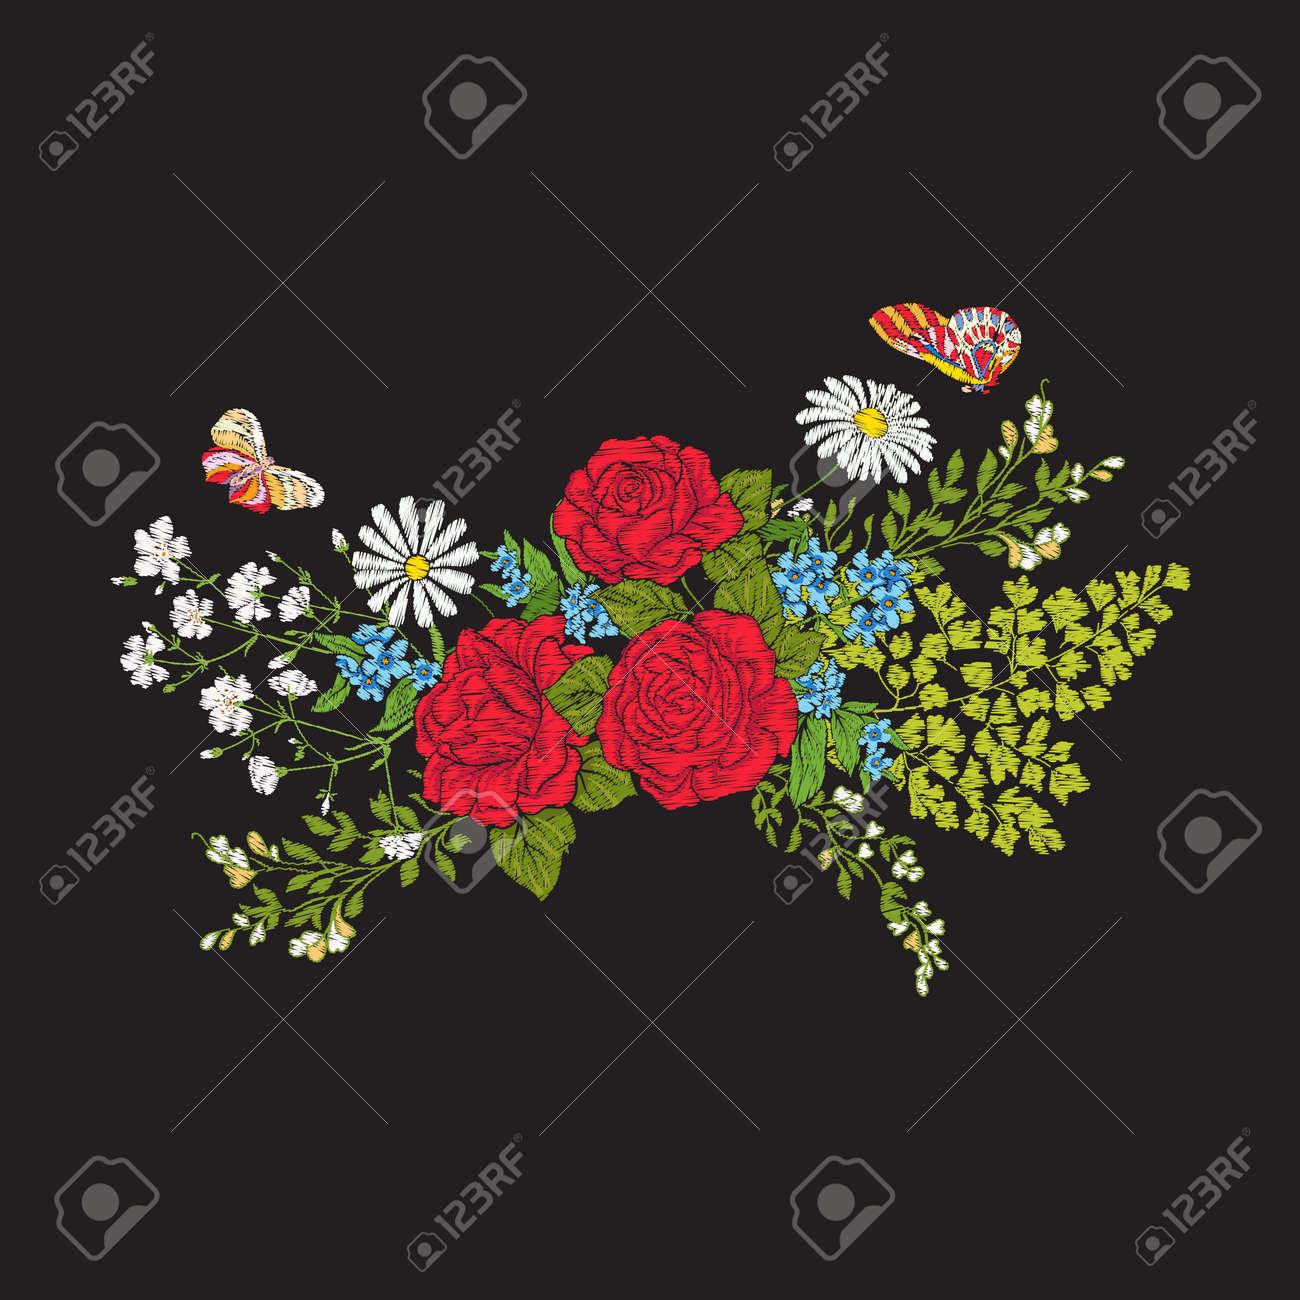 Bordado. Ramo Con Rosas Y Margaritas. Patrón Europeo Tradicional ...